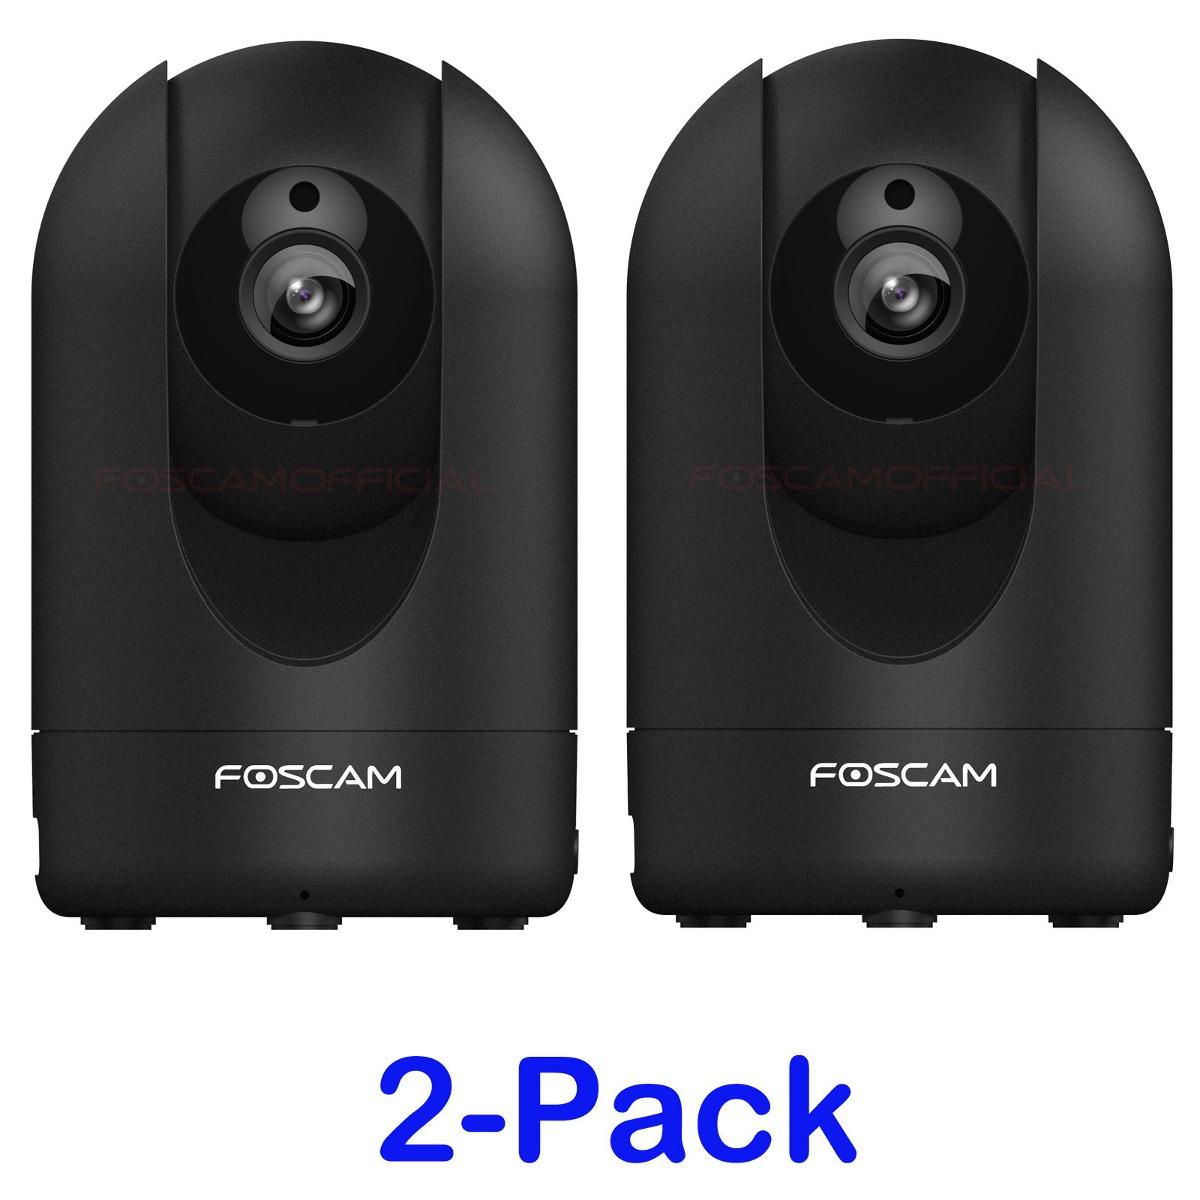 5-Pack Foscam 1080P 2.0MP R2 PTZ Wireless Wired Security Surveillance IP Cameras